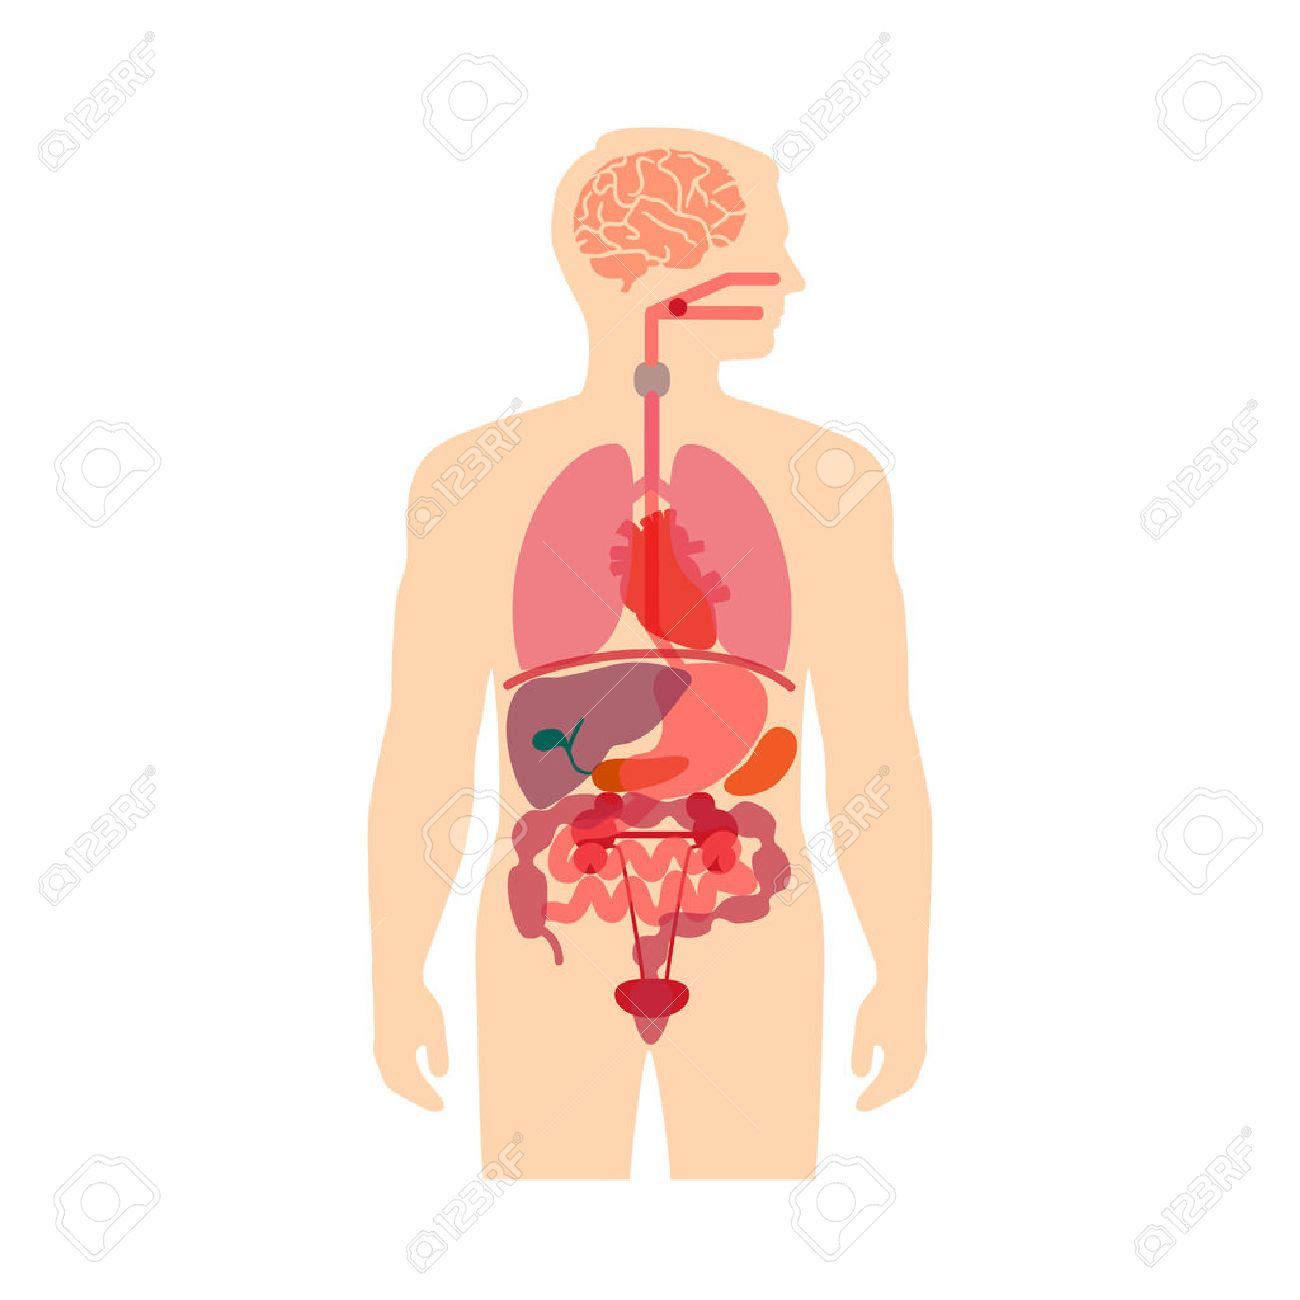 人体解剖学、医療機関ベクター システム、 ロイヤリティフリークリップ